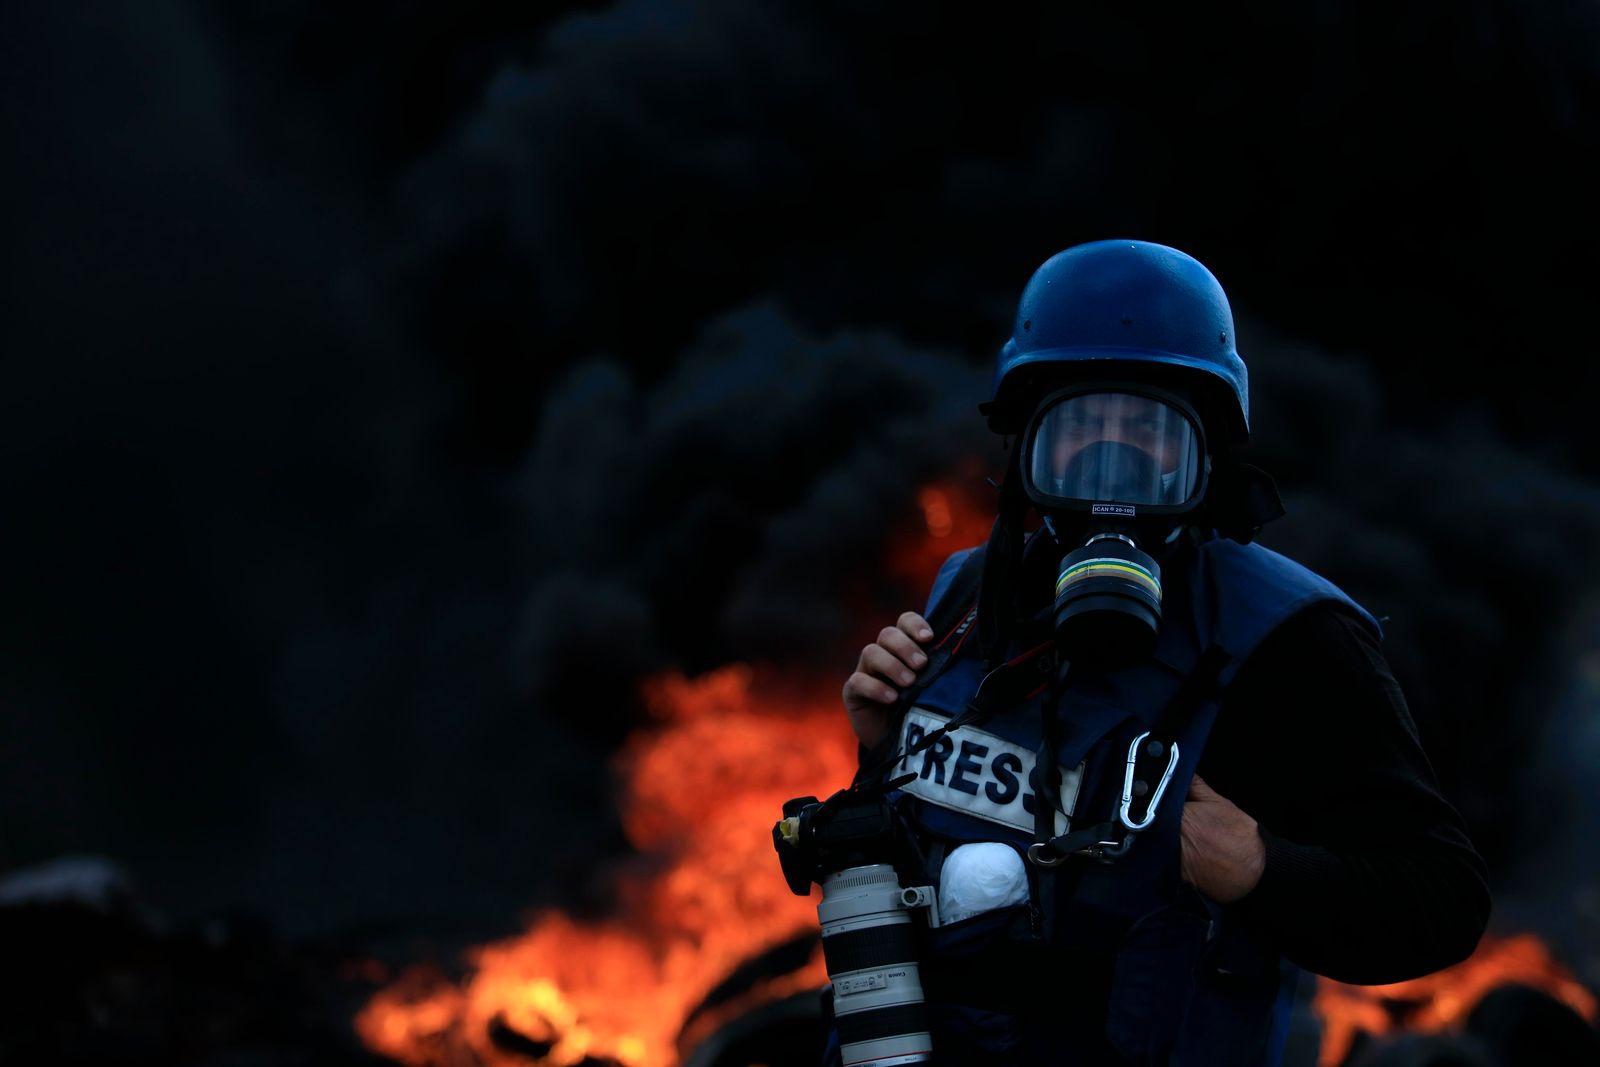 Proteste in den Palästinensischen Autonomiegebieten